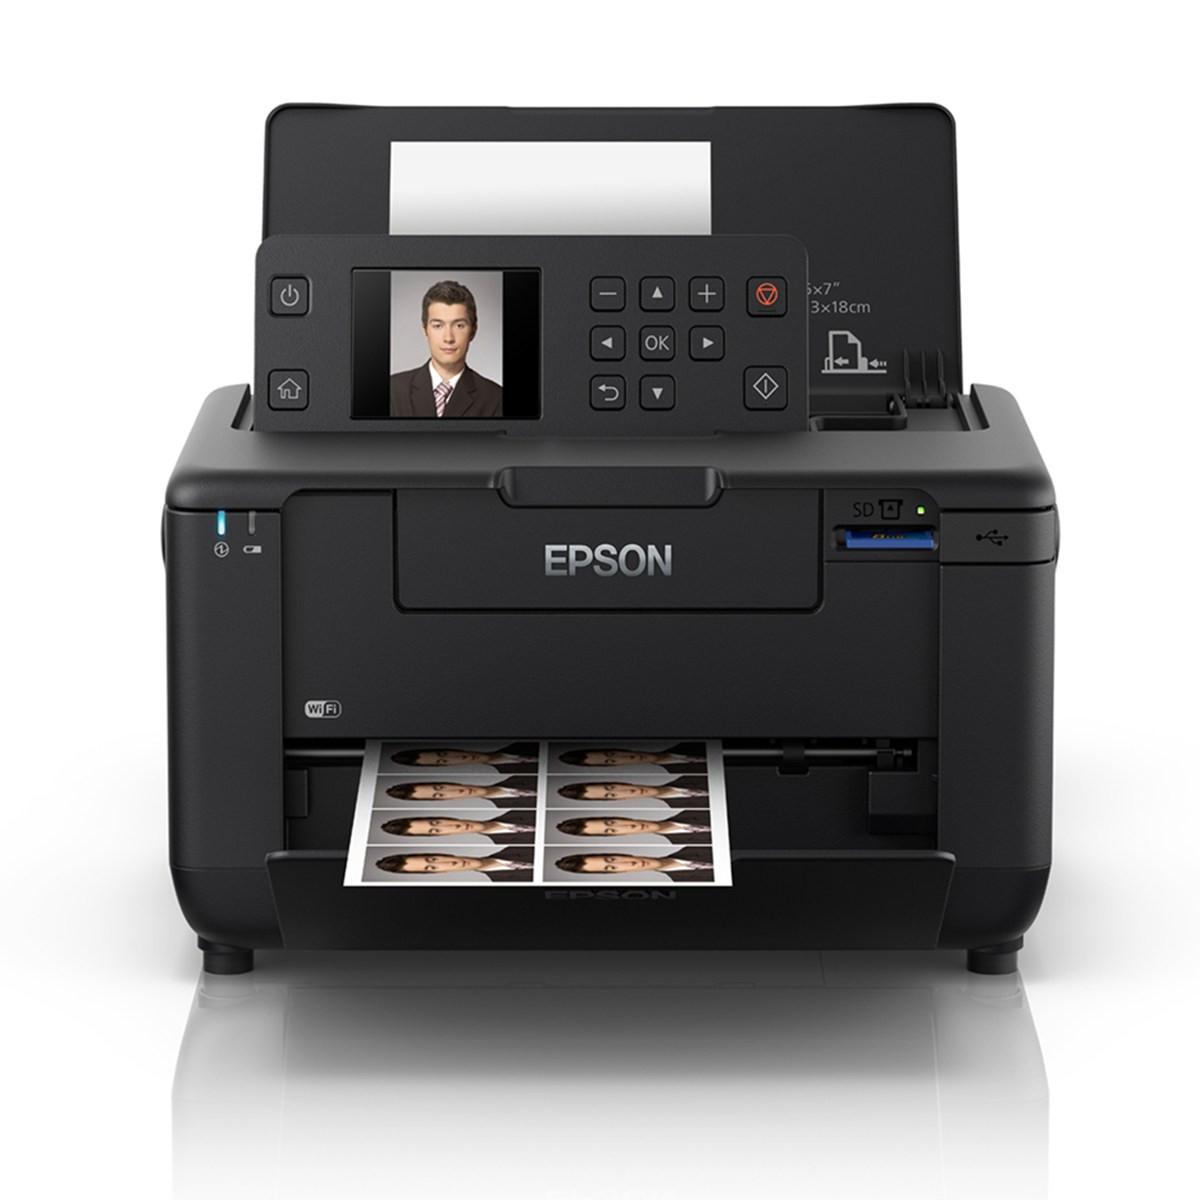 Impressora Epson Portátil PM-525 PictureMate   Jato de Tinta com Conexão Wireless